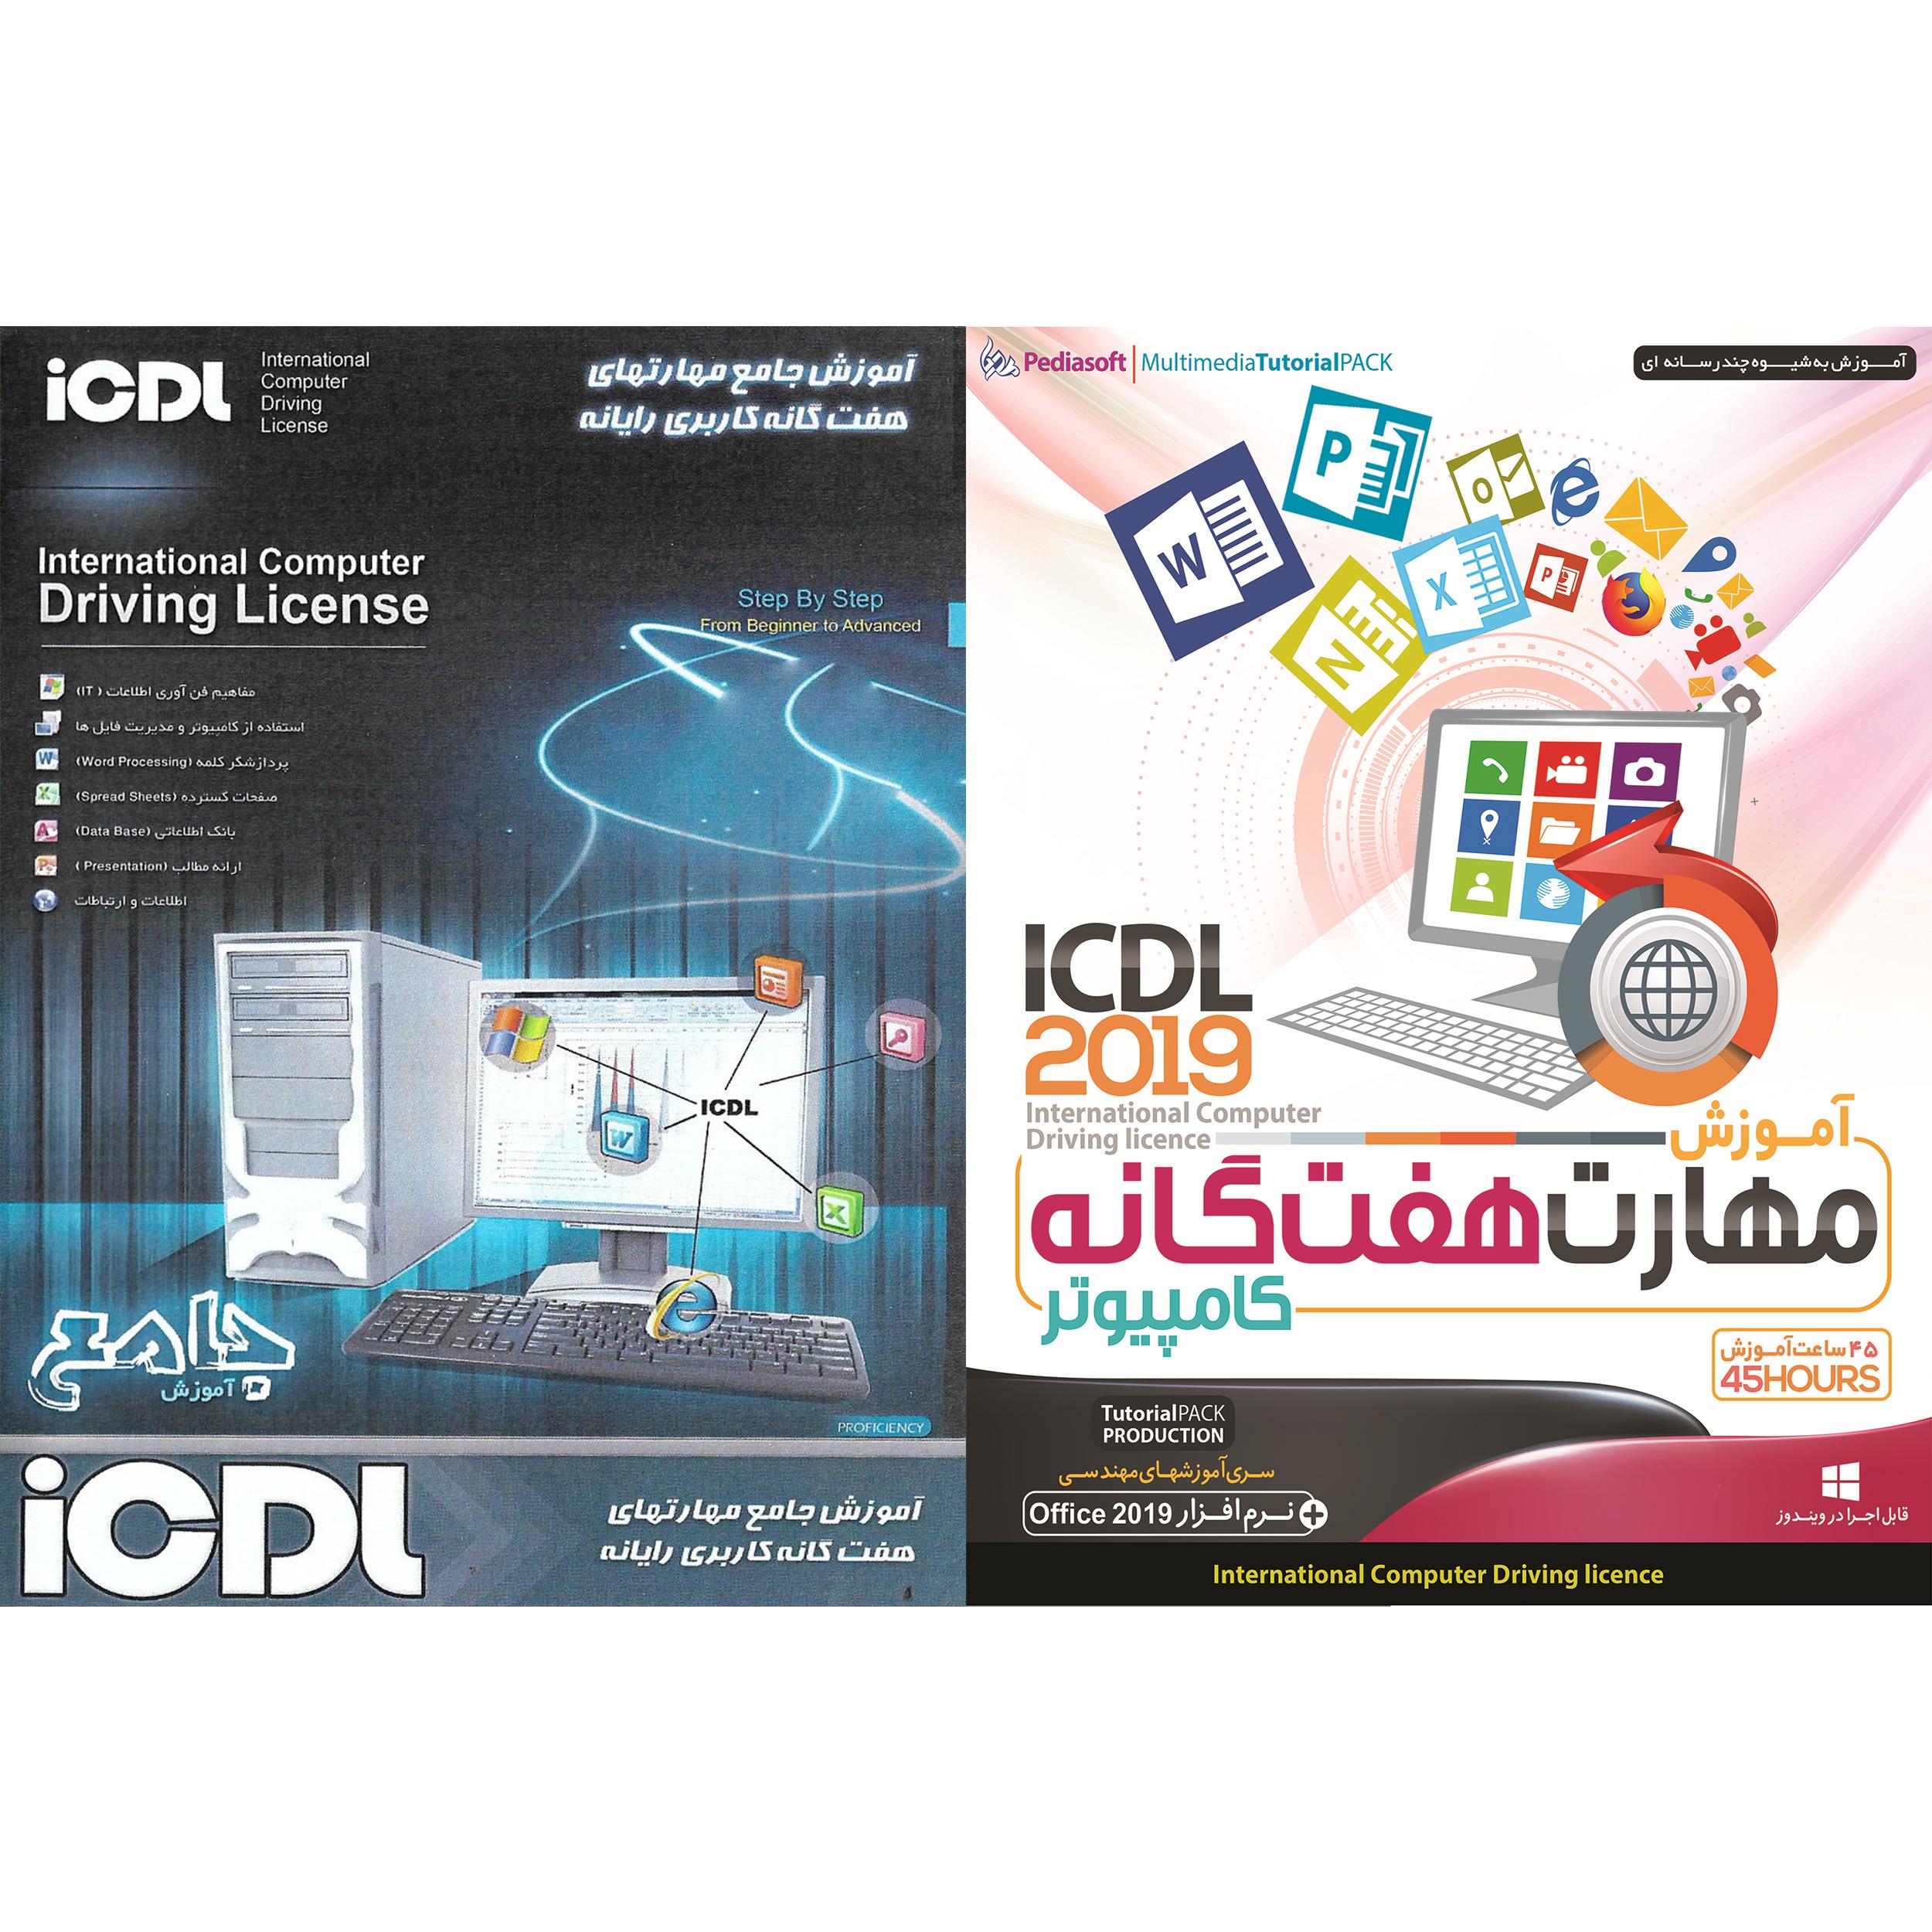 نرم افزار آموزش مهارت هفتگانه کامپیوتر ICDL 2019 نشر پدیا سافت به همراه نرم افزار آموزش ICDL نشر الکترونیک پانا